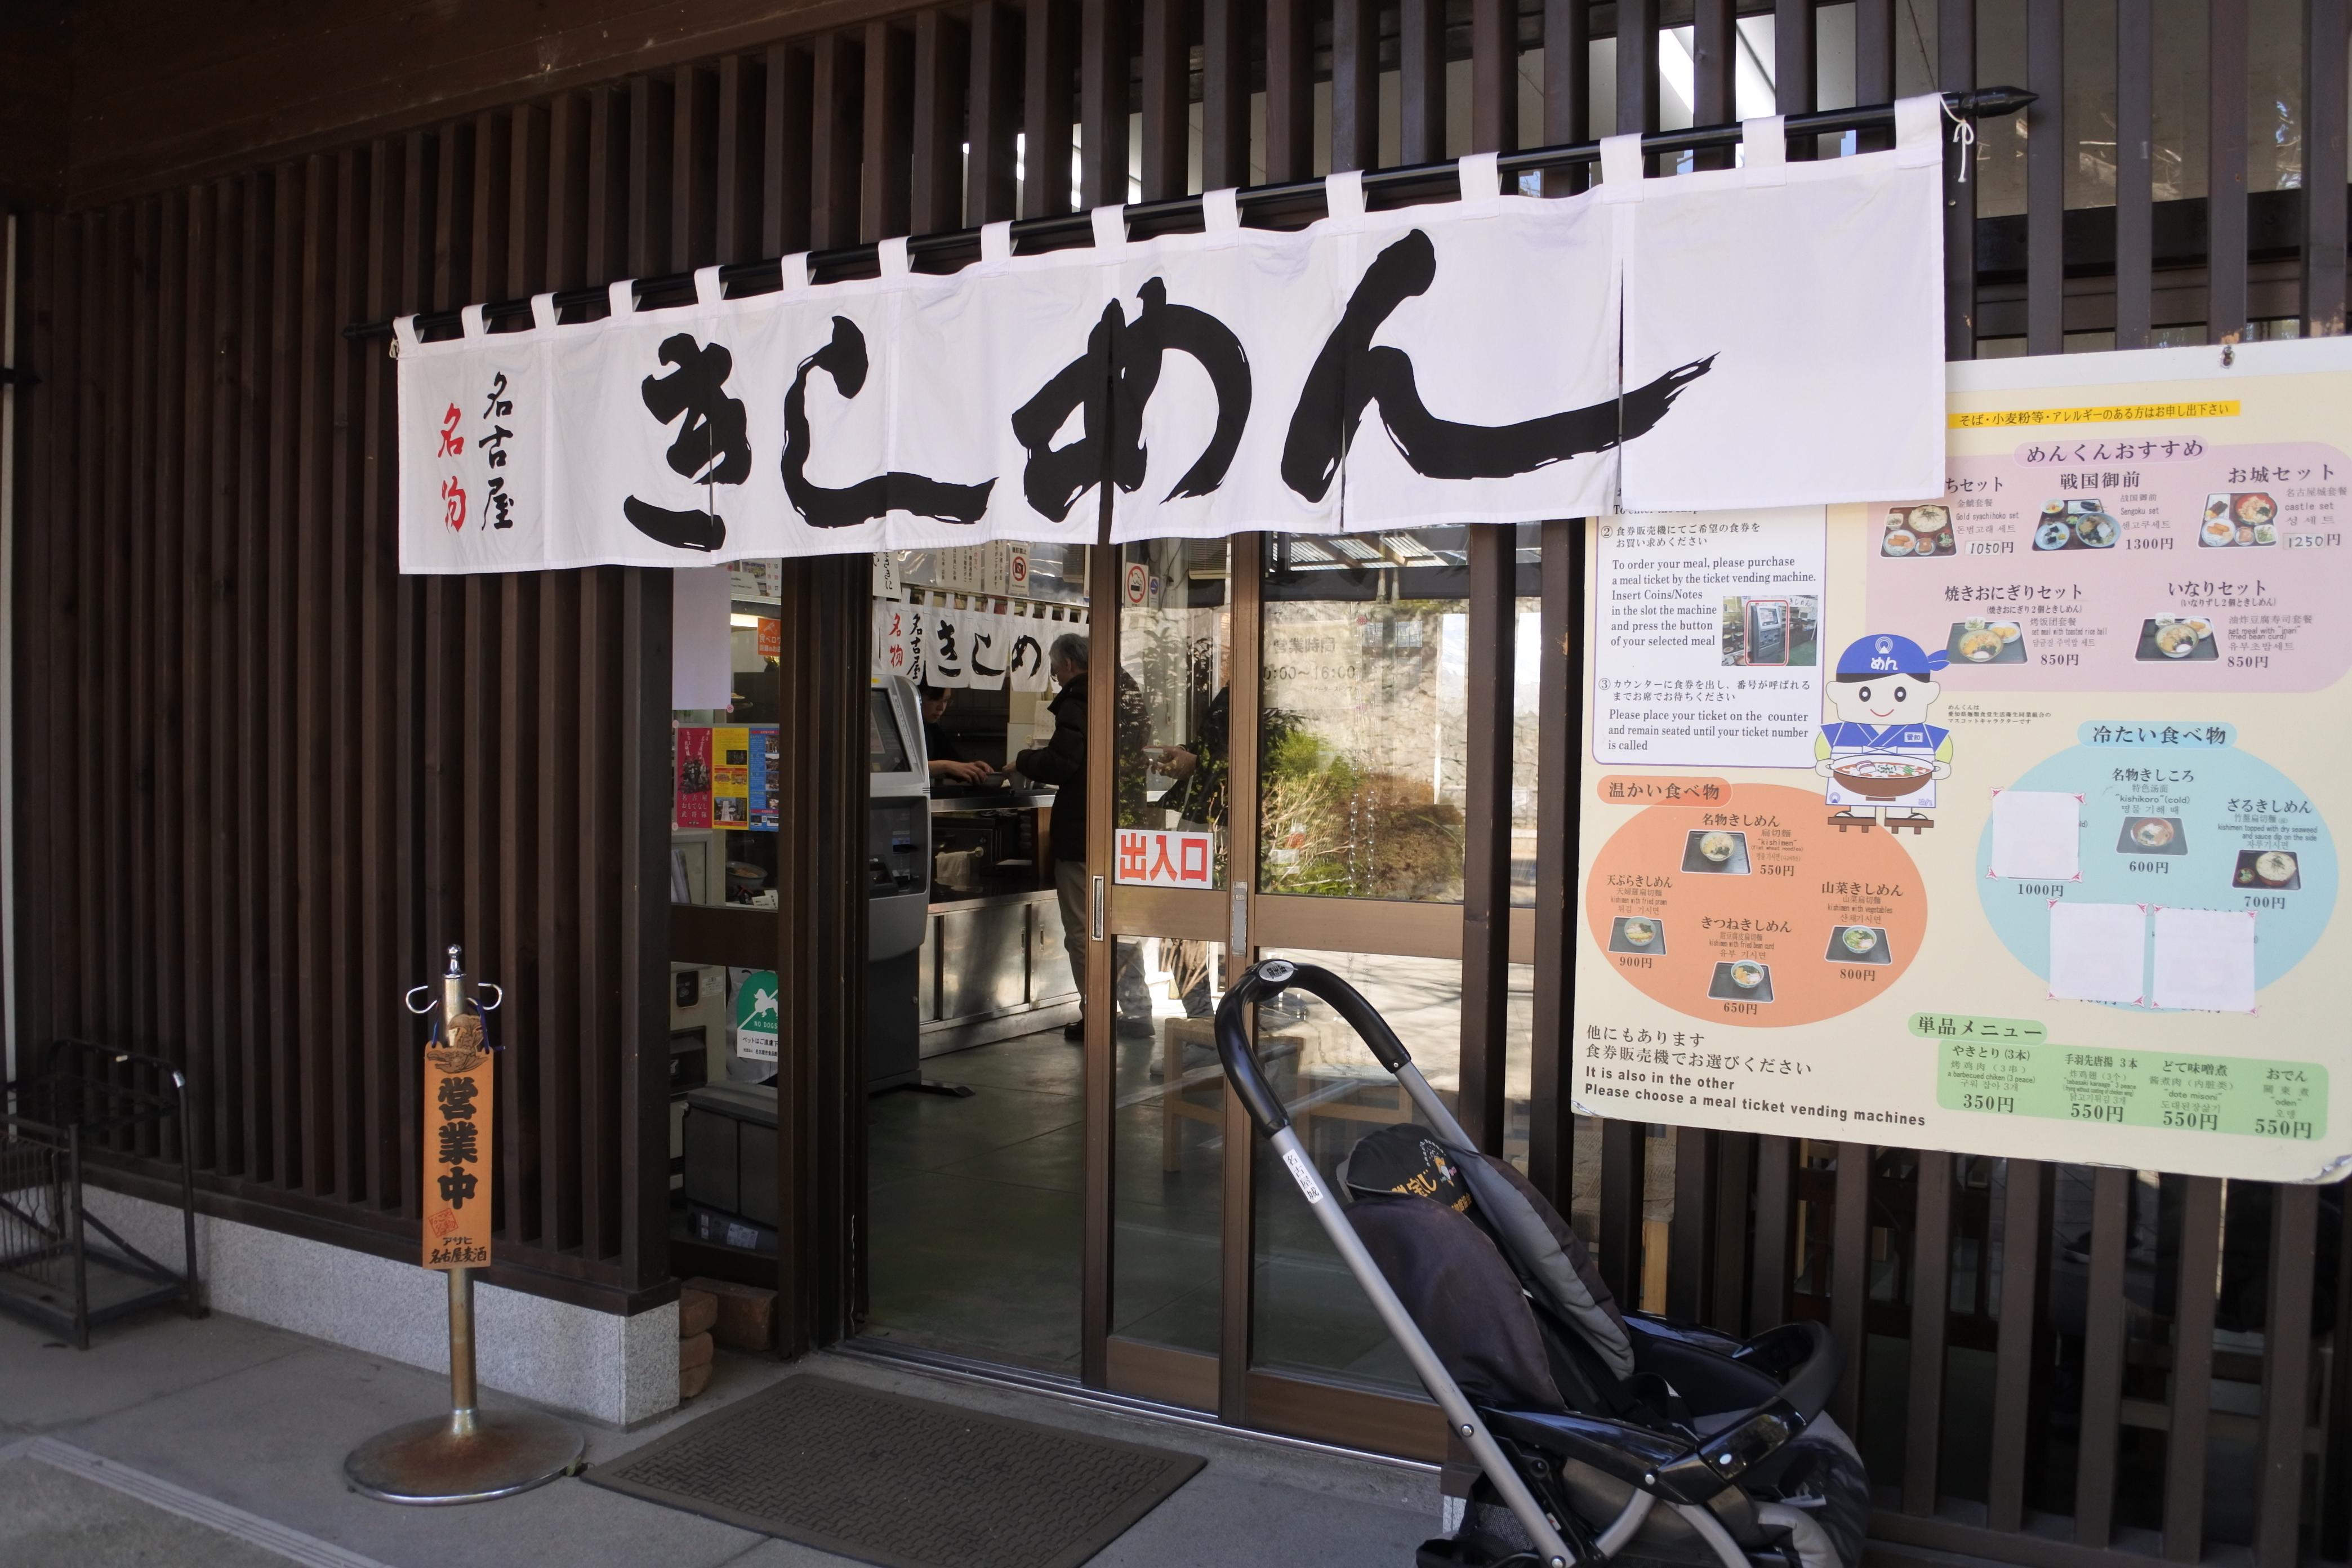 歴史に興味がなくても楽しめる!鹿にグルメに、名古屋城の見所満載ガイド - 7ec3b57714dfacb72dc58f9cd12fa2aa